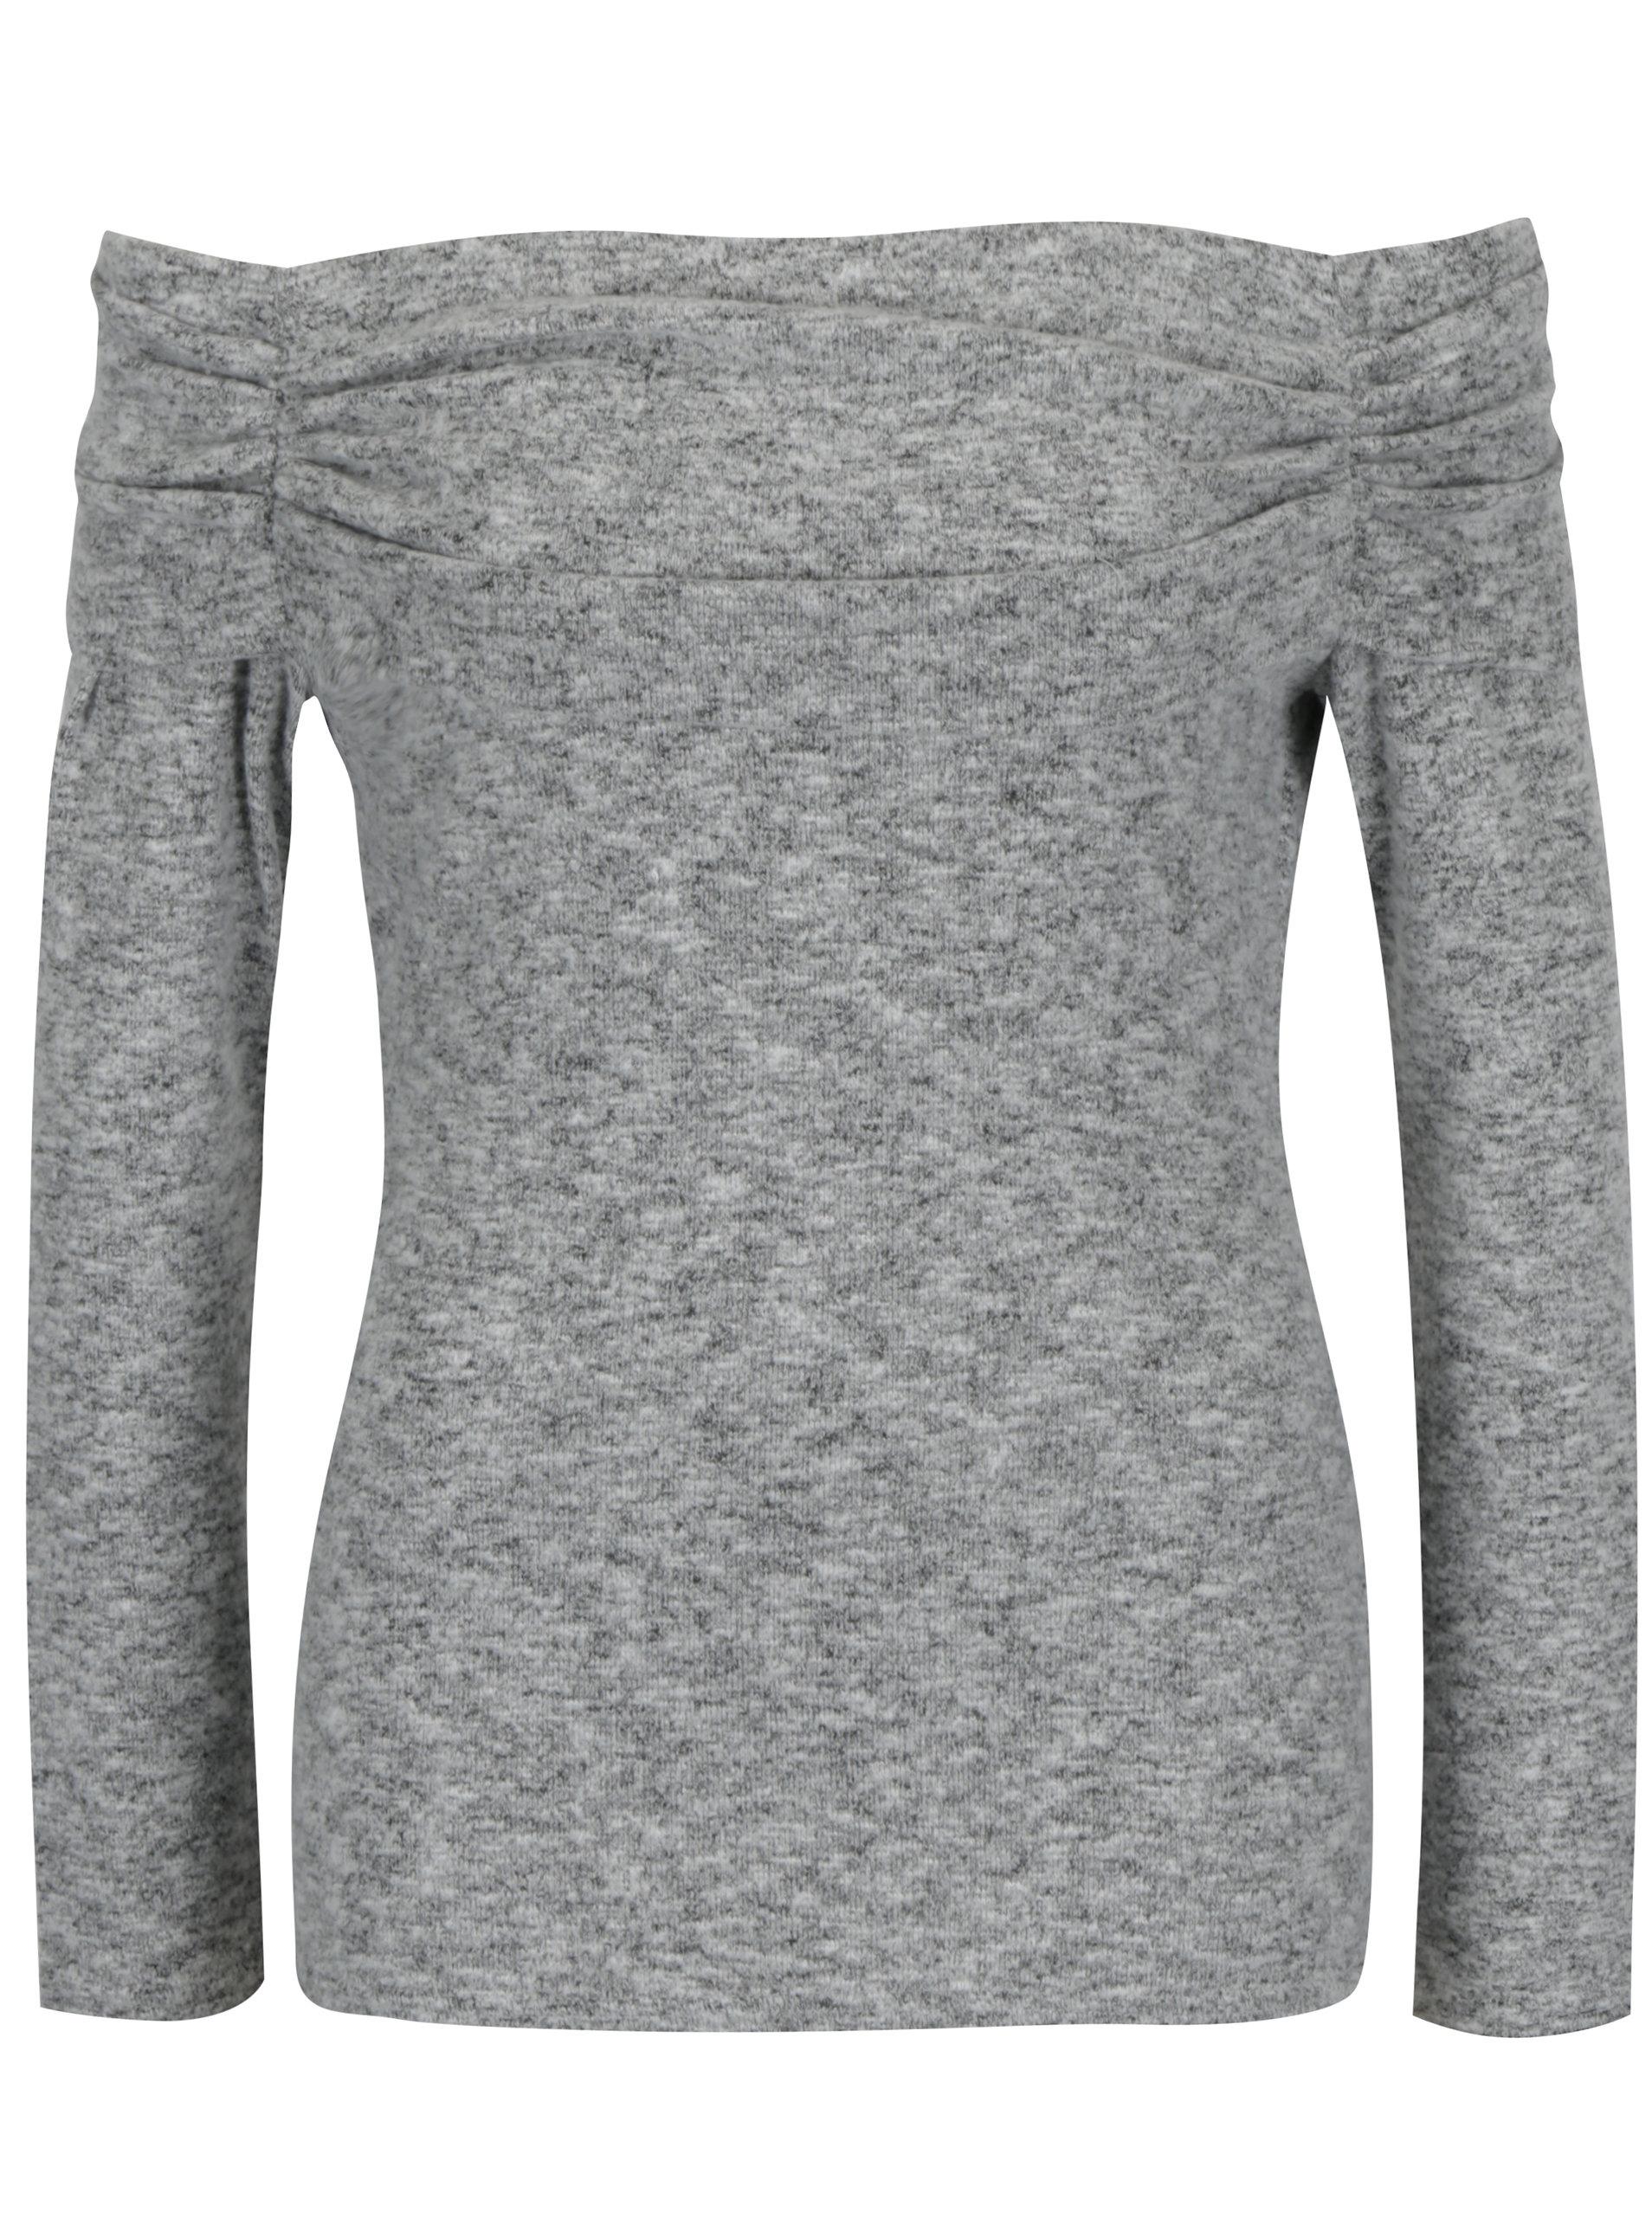 Šedý žíhaný svetr s odhalenými rameny Dorothy Perkins ... e0904a47af